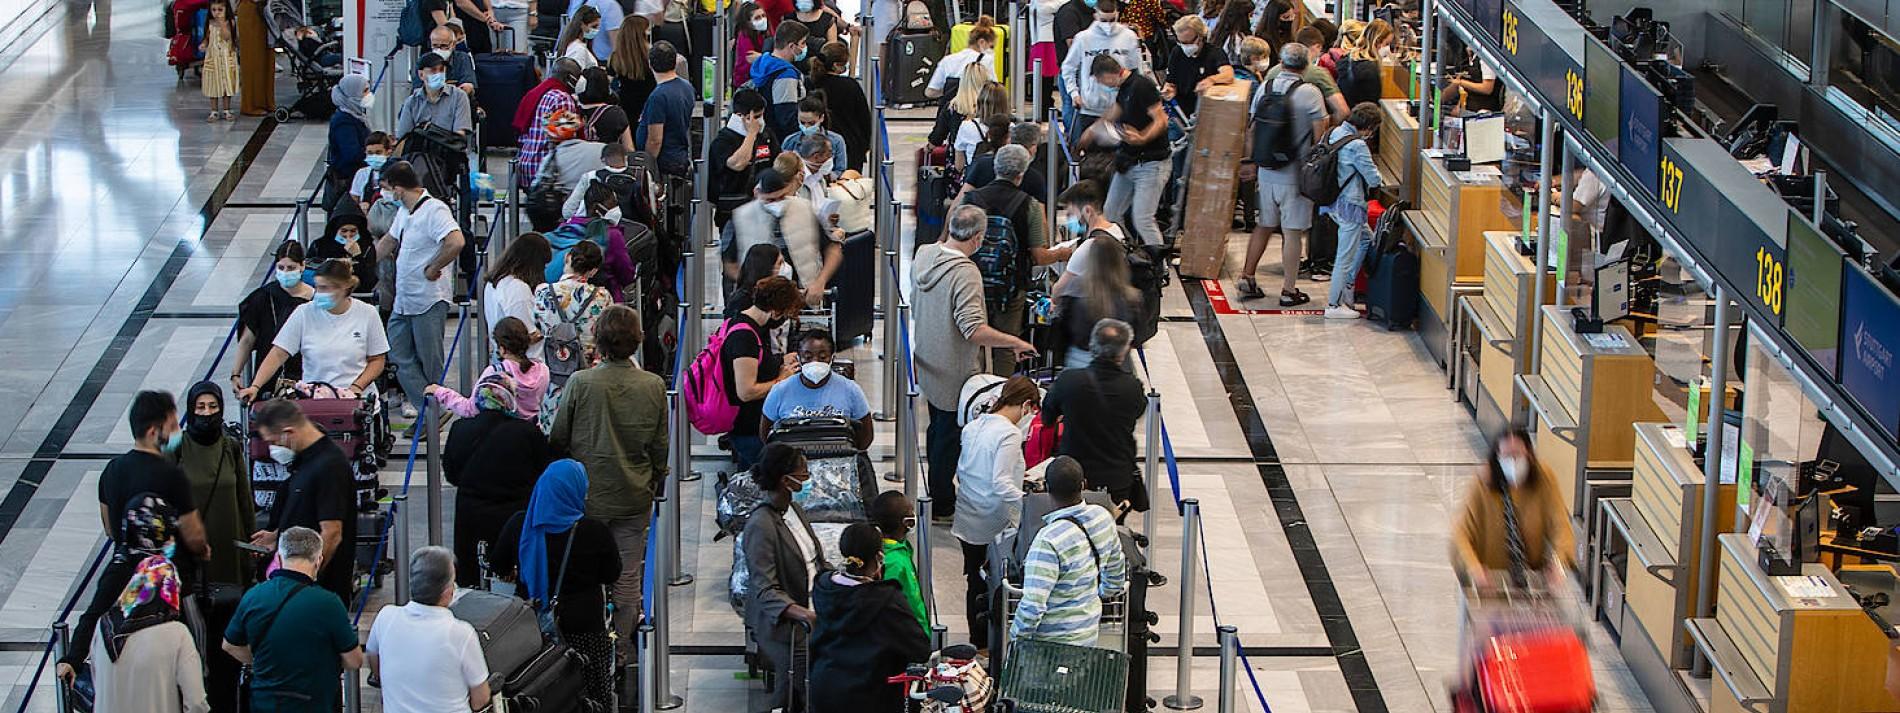 Kabinett beschließt Testpflicht für ungeimpfte Reiserückkehrer